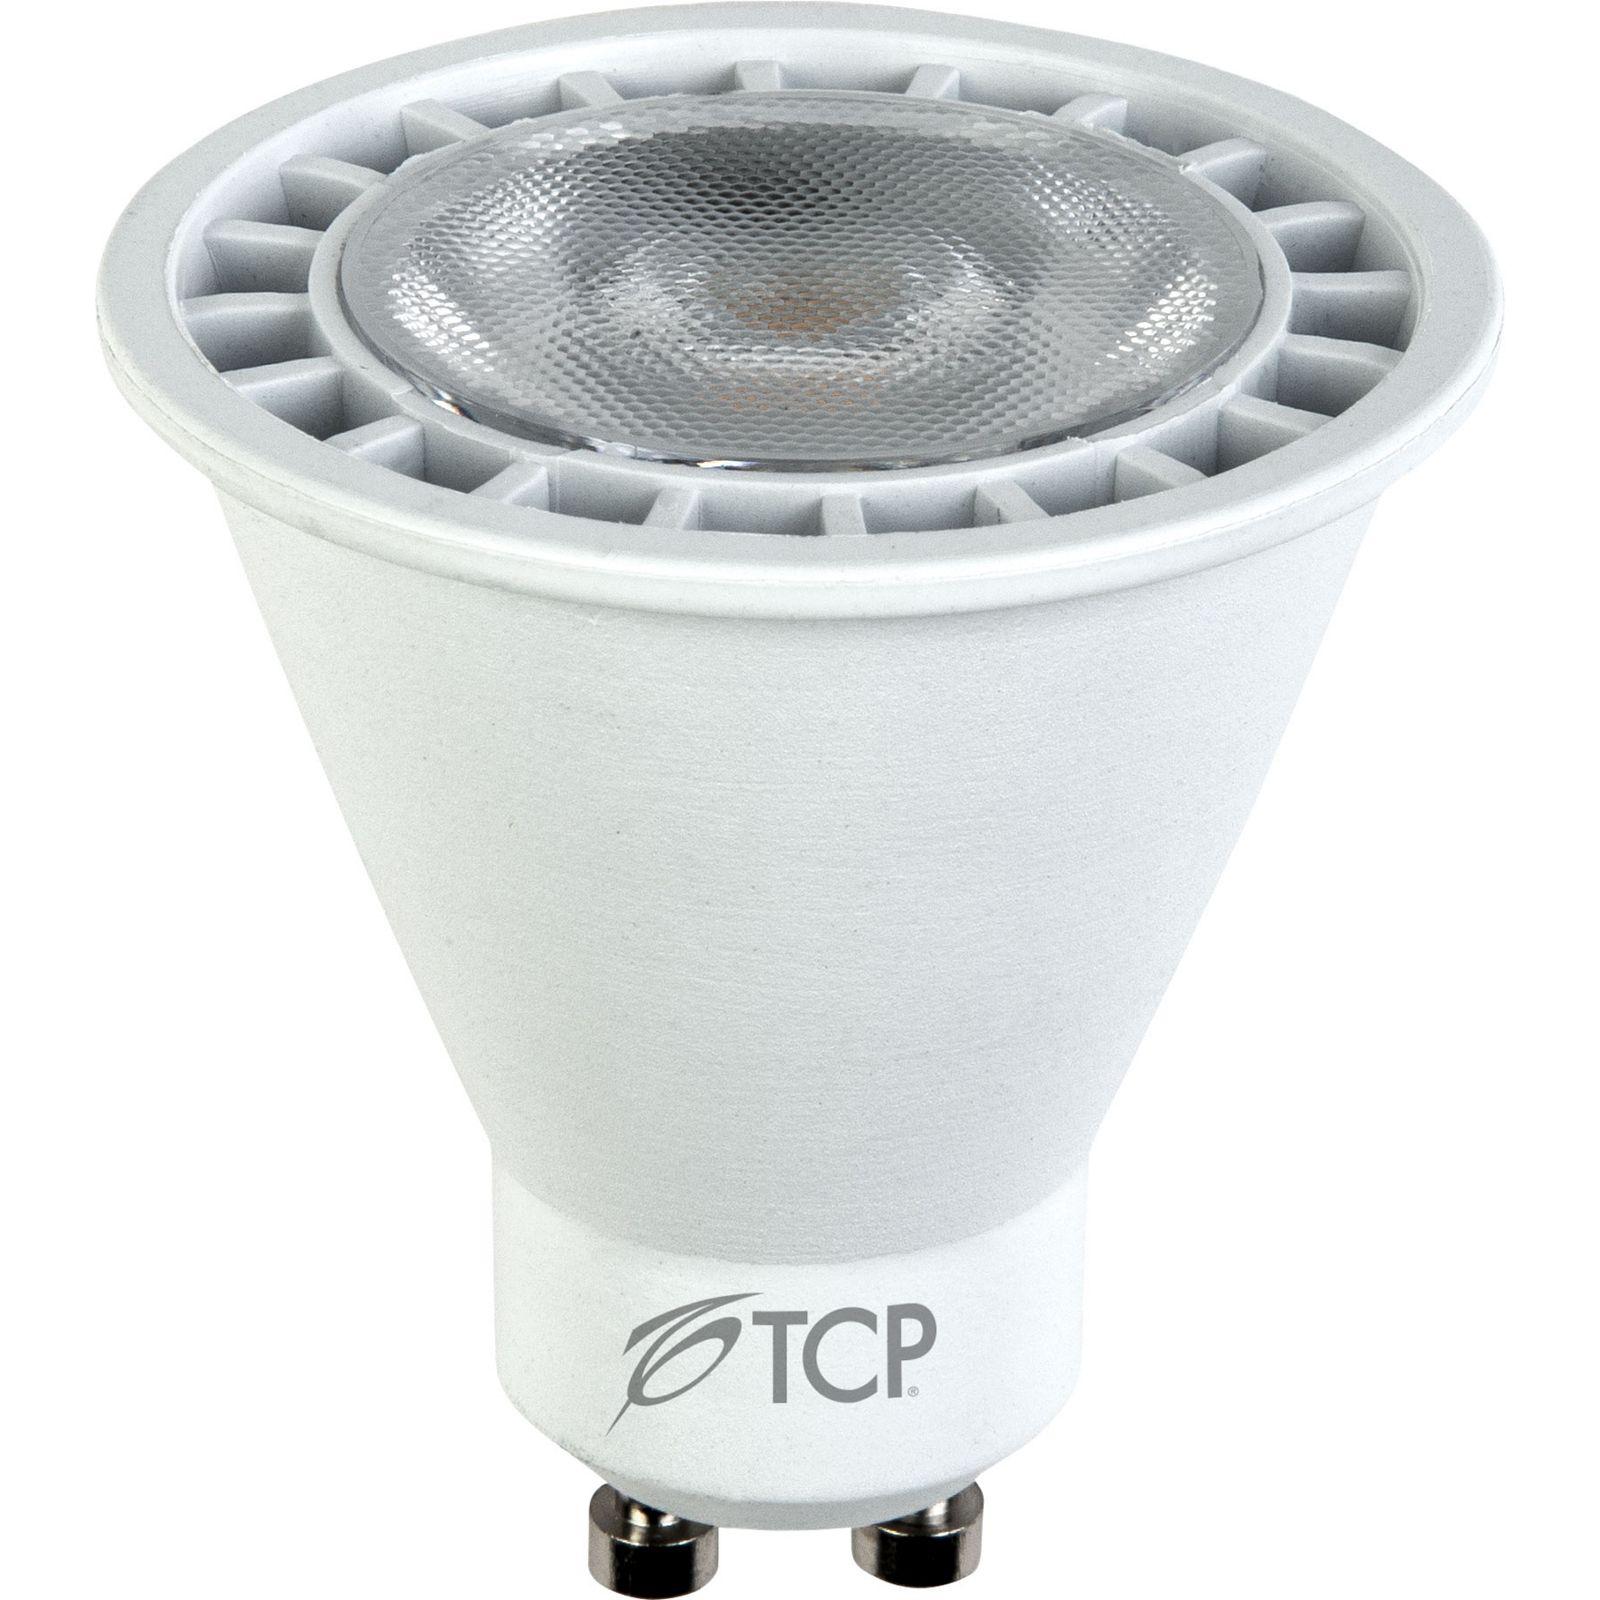 TCP LED 5W GU10 Warm White Light Bulb - 10 Pack for £5 @ Homebase